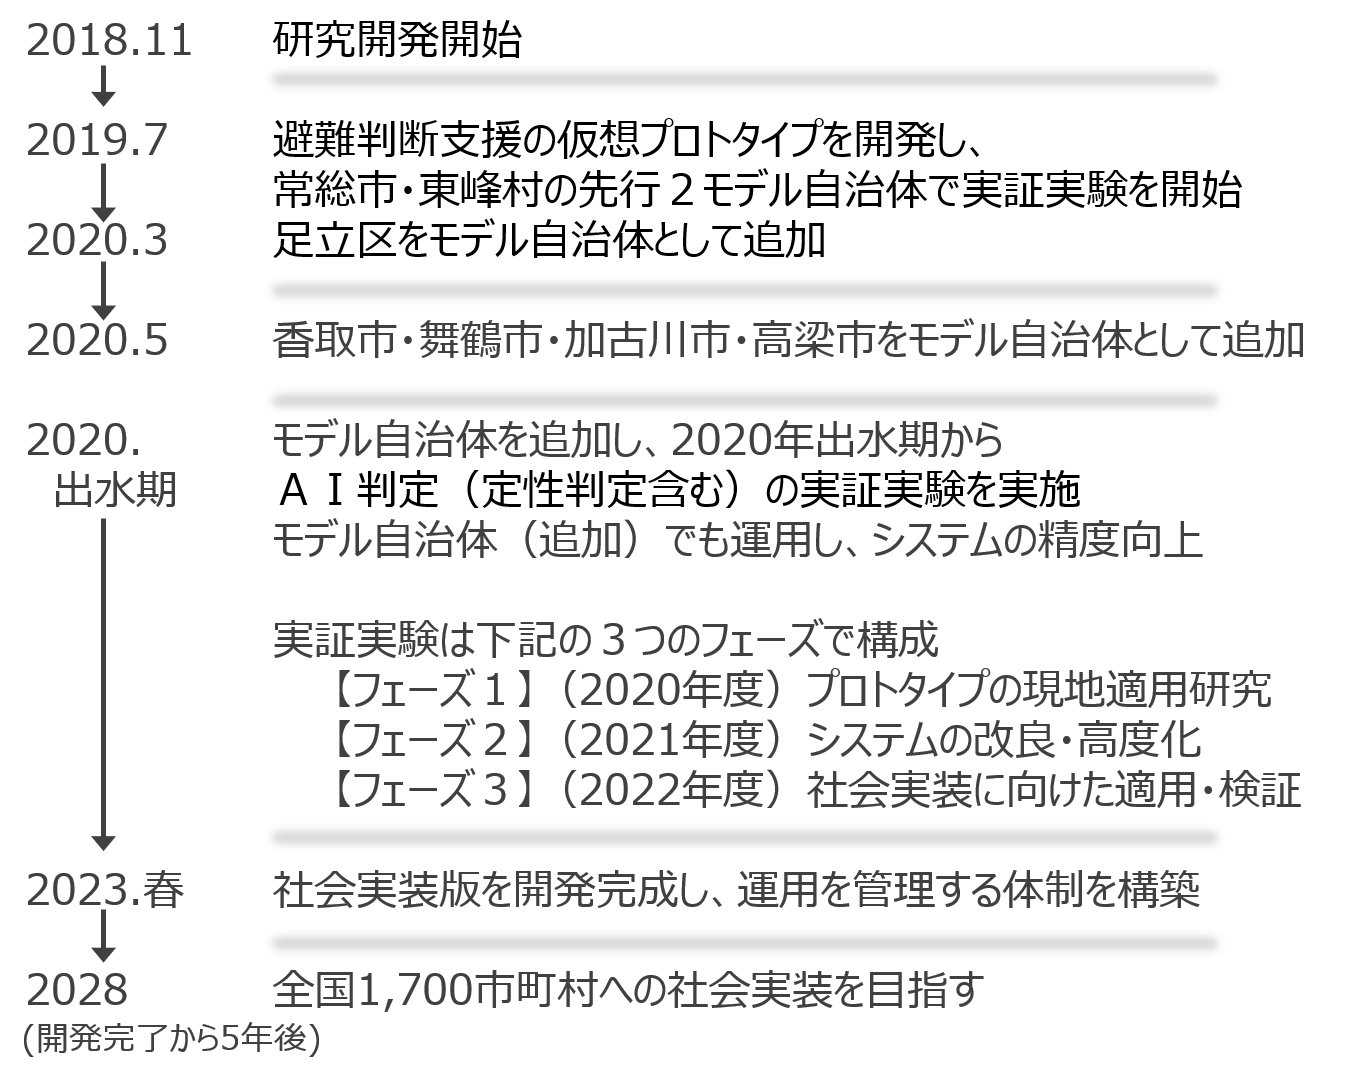 研究開発スケジュール3.png